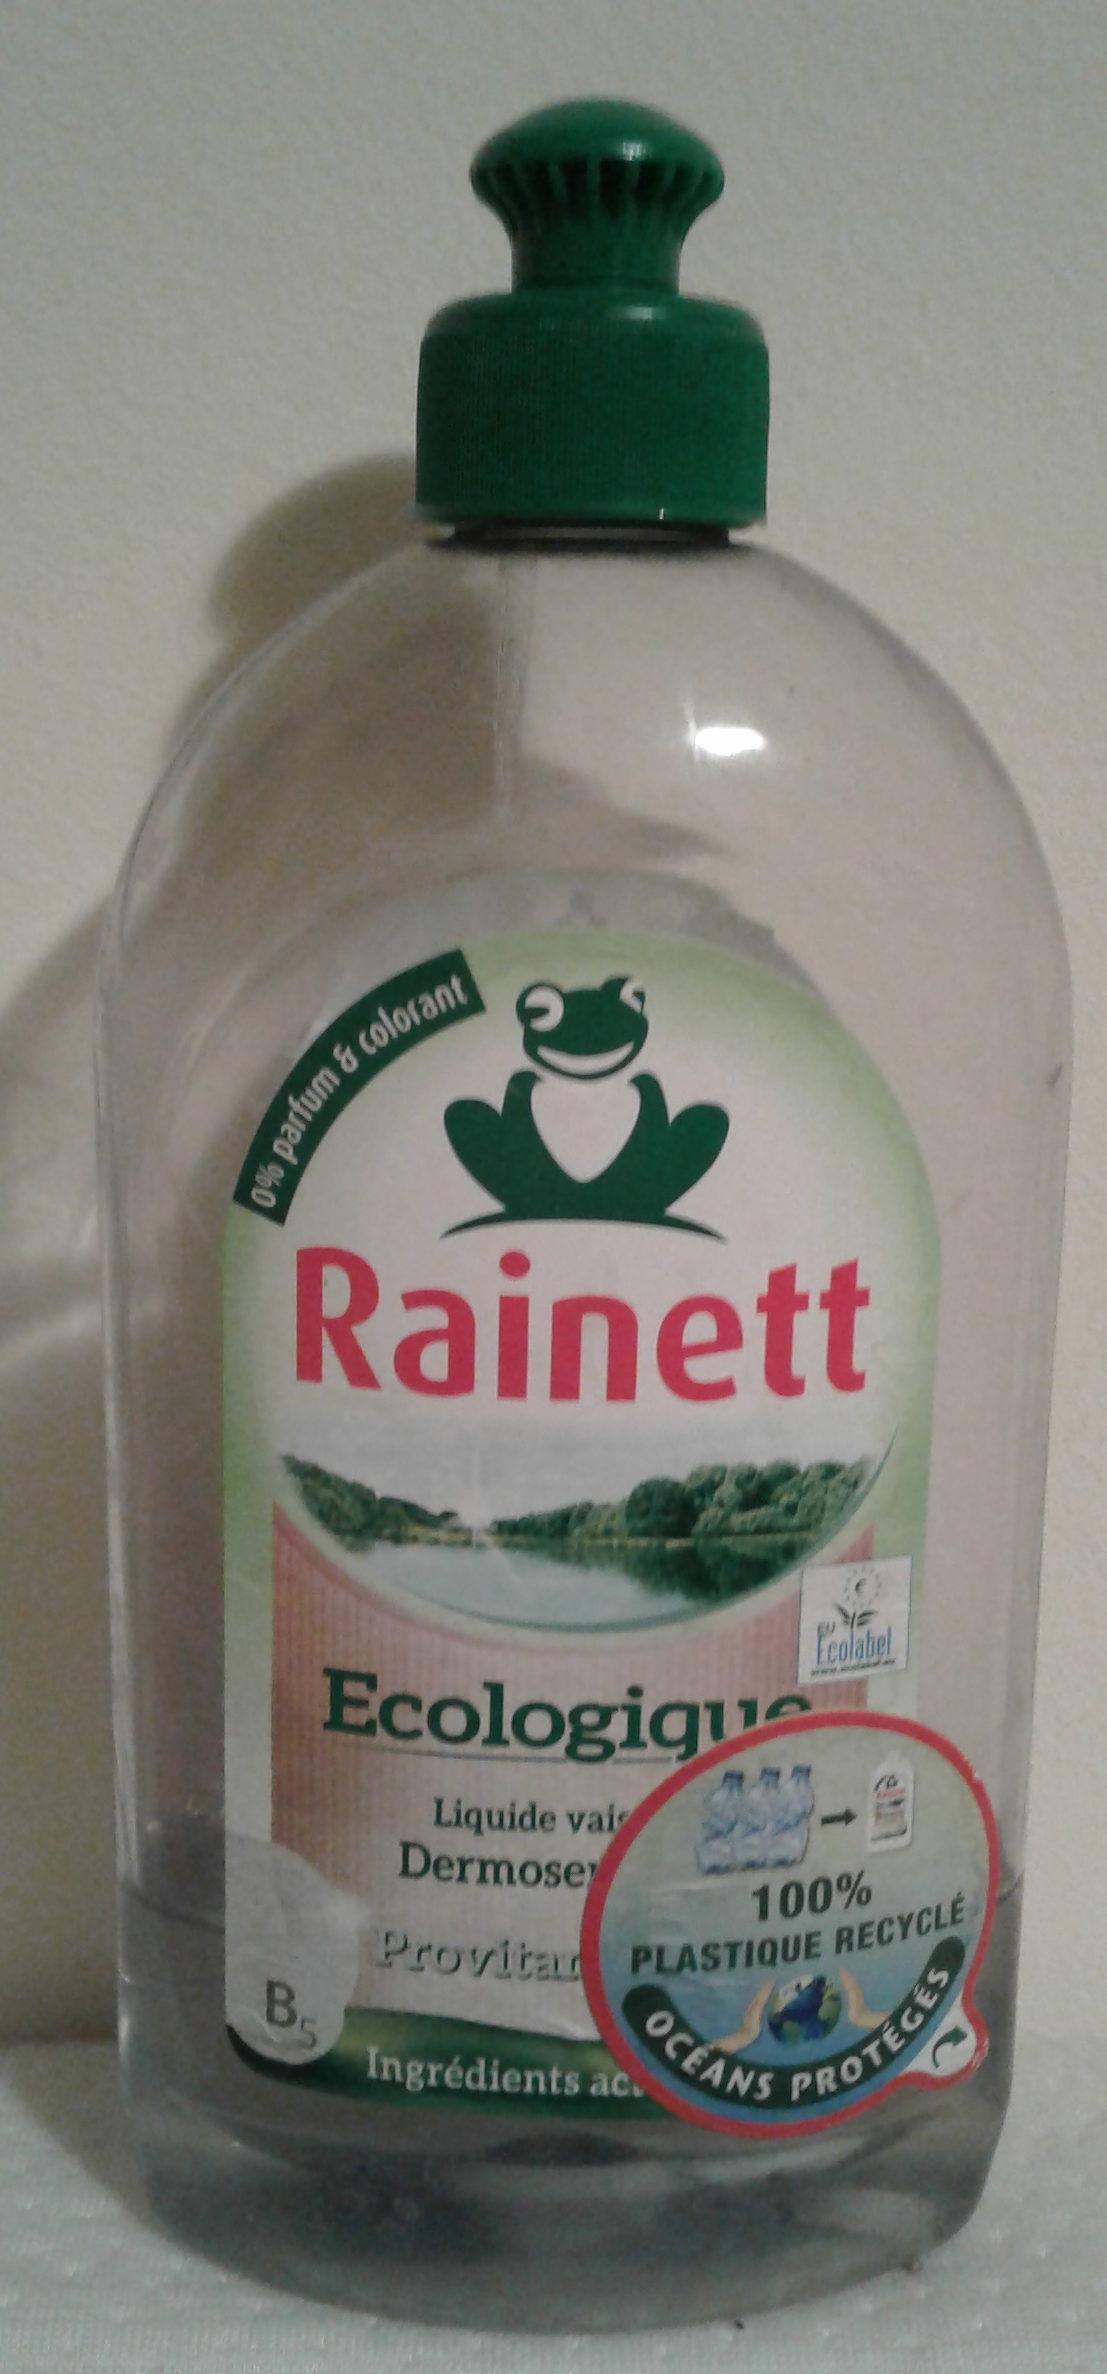 Liquide vaisselle écologique dermosensitive et provitaminé - Product - fr